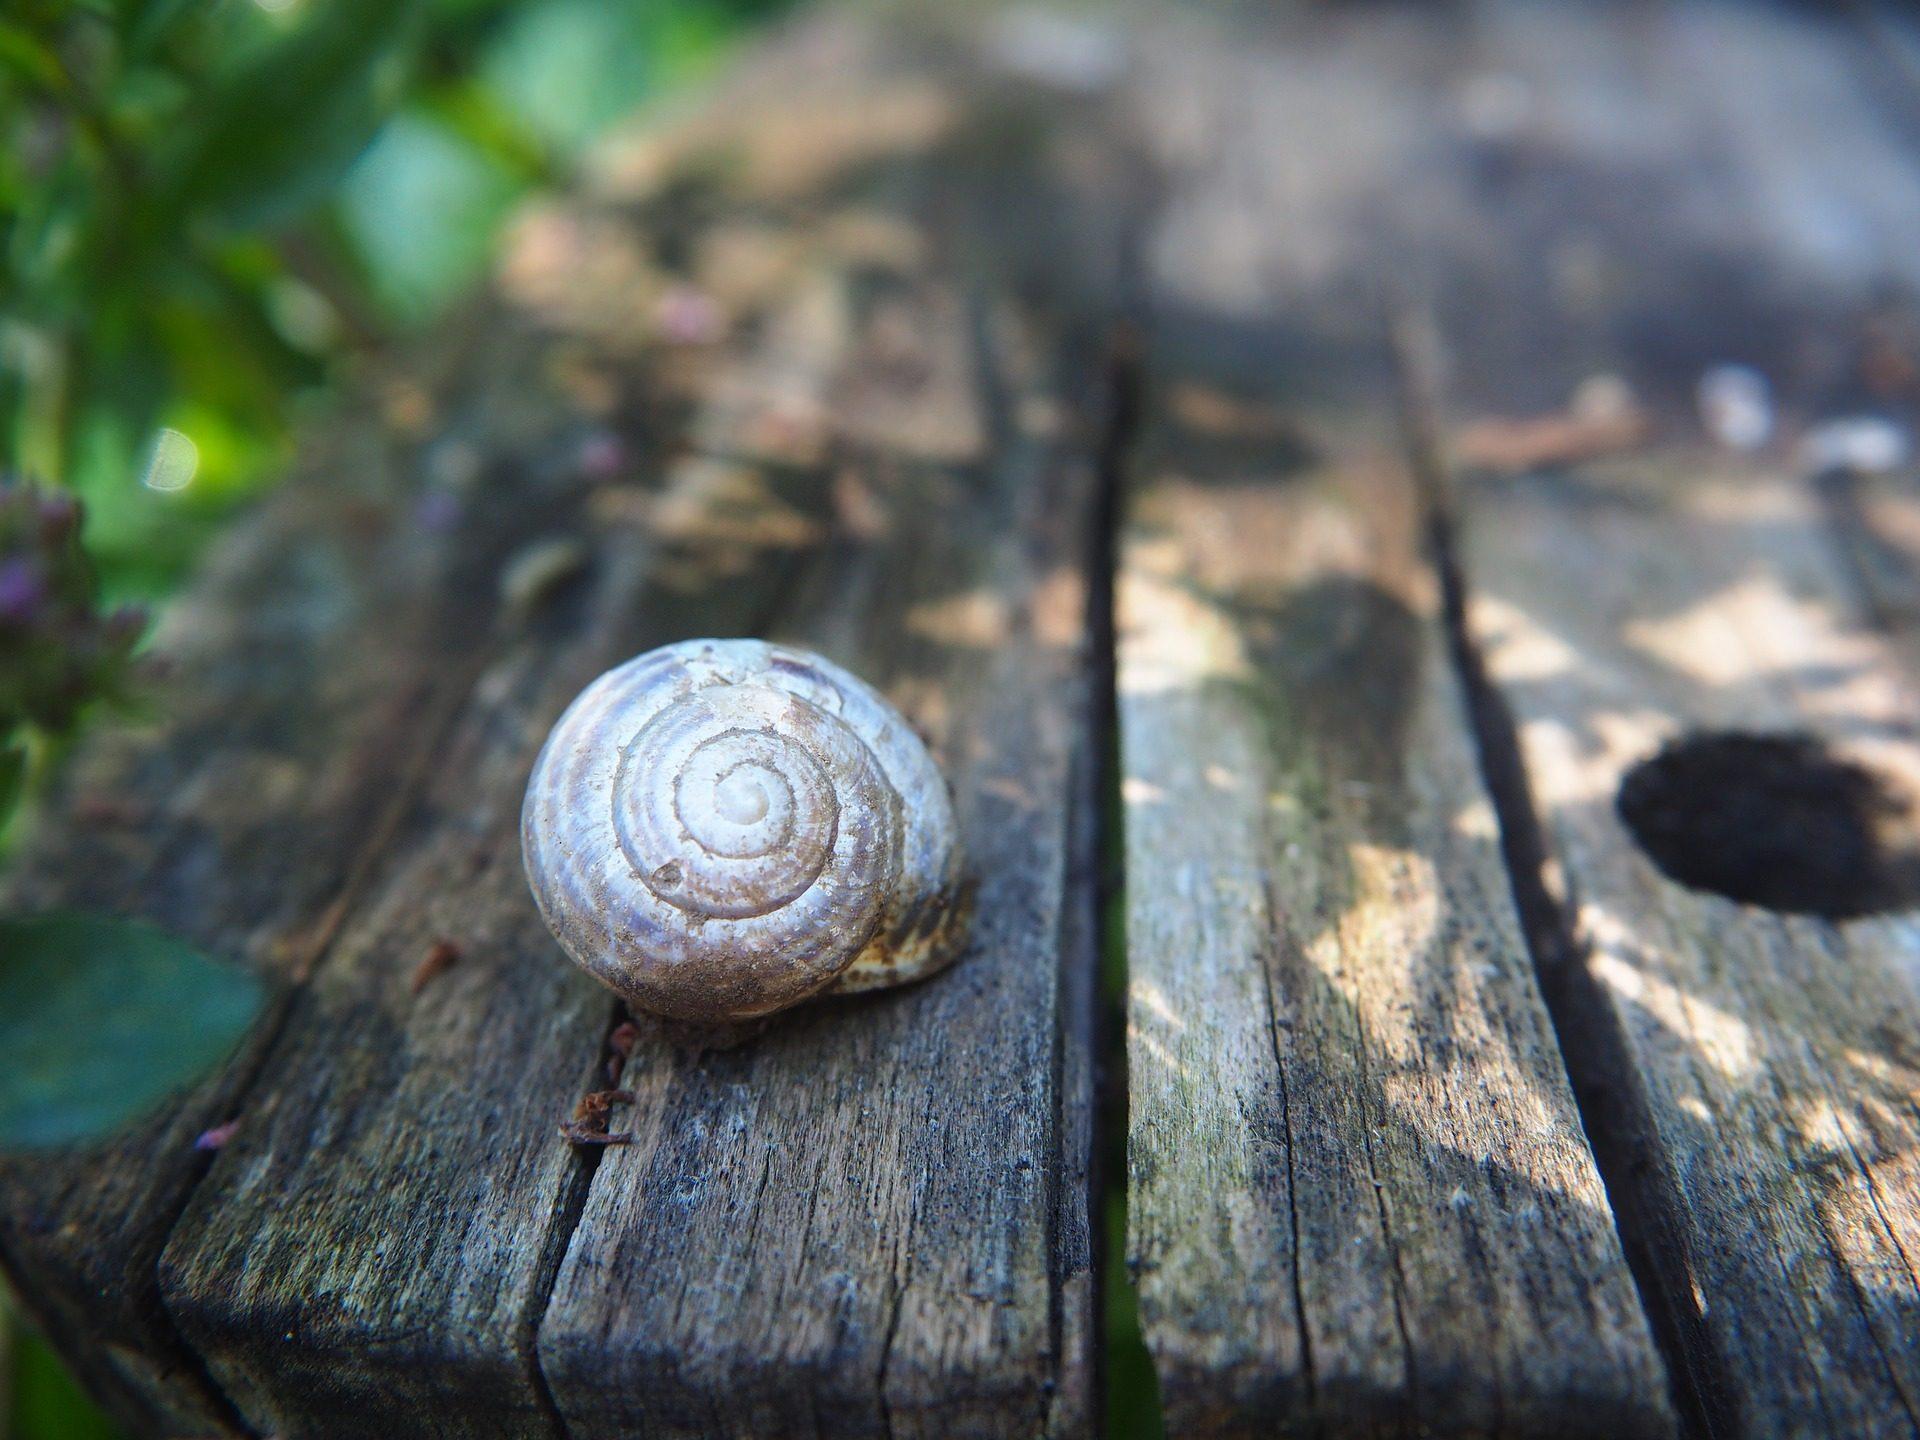 カタツムリ, シェル, 木材, テーブル, ガーデン, 植物 - HD の壁紙 - 教授-falken.com